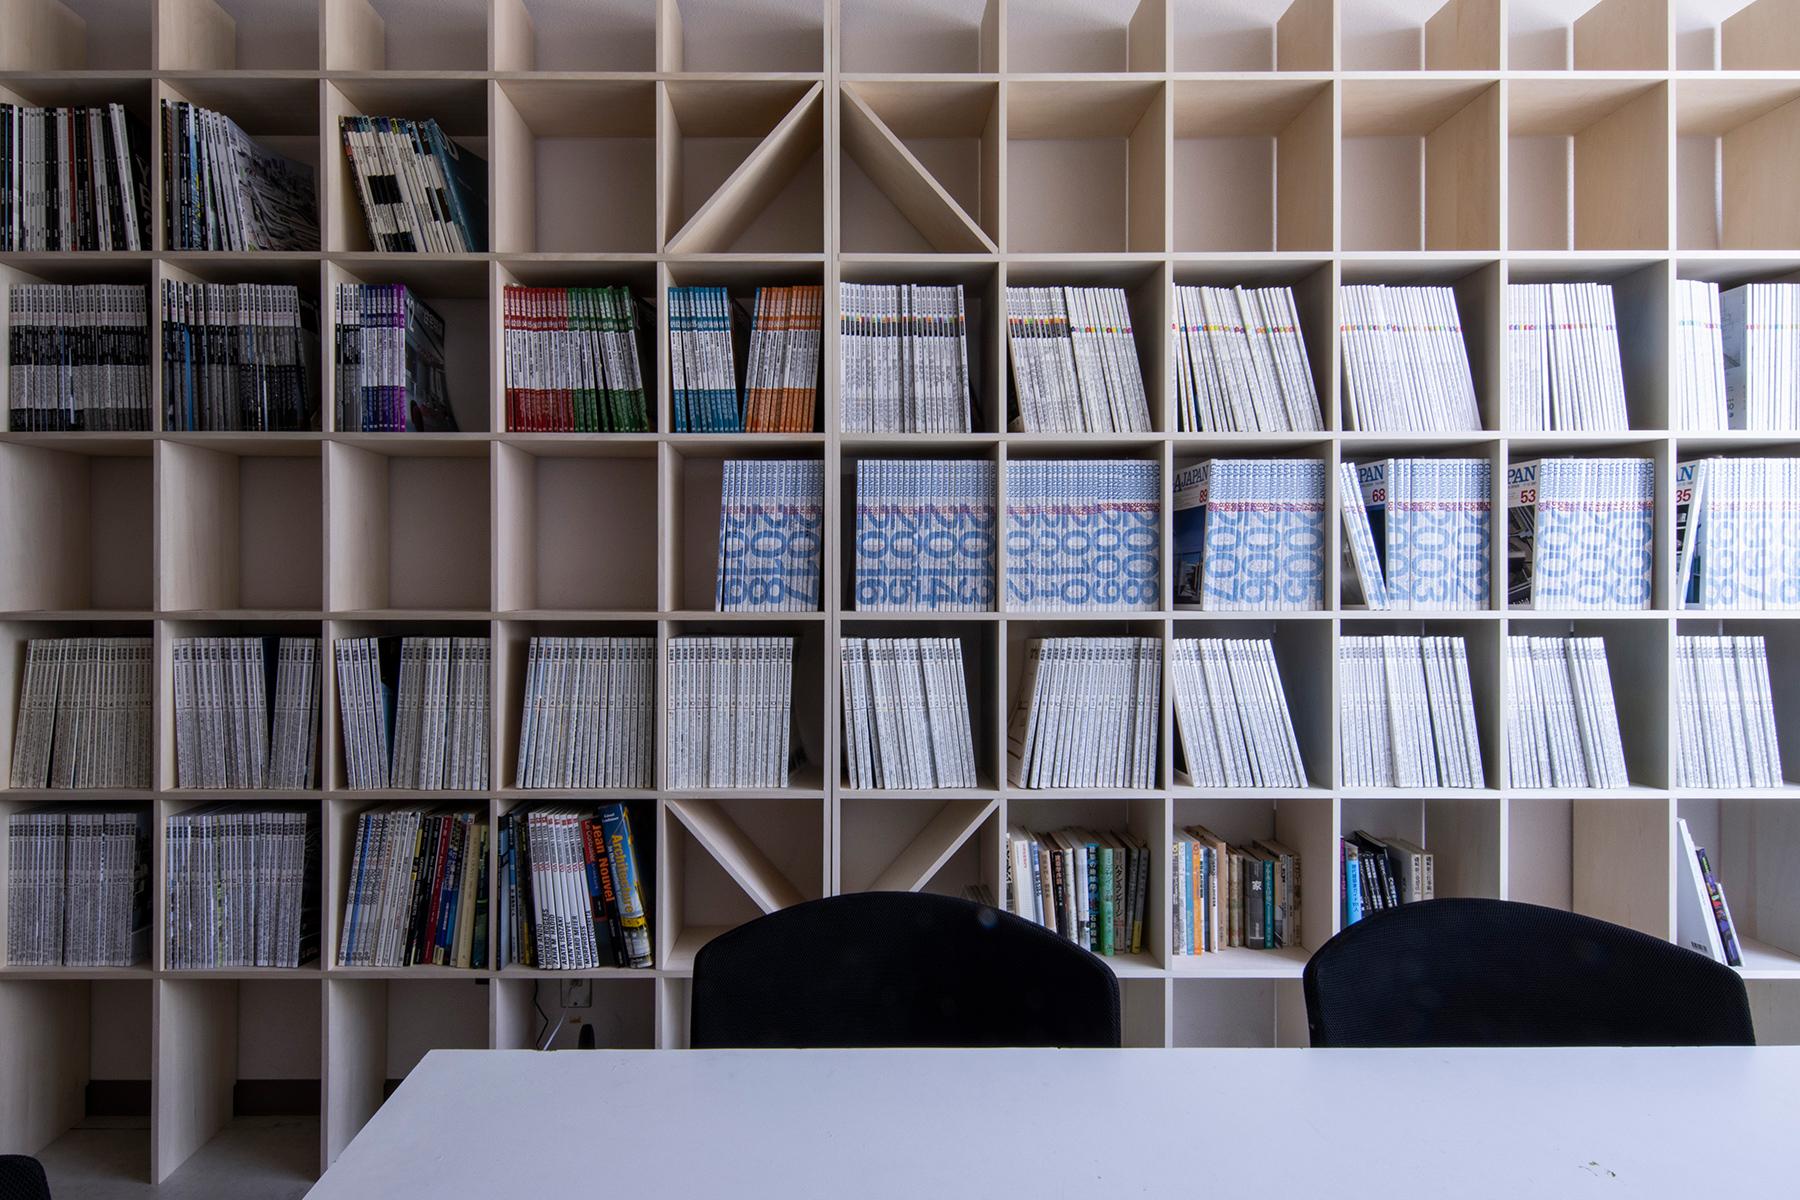 国立鹿児島工業高等専門学校のゼミ室に | 壁一面の本棚 奥行250mm / Shelf (No.85) | マルゲリータ使用例